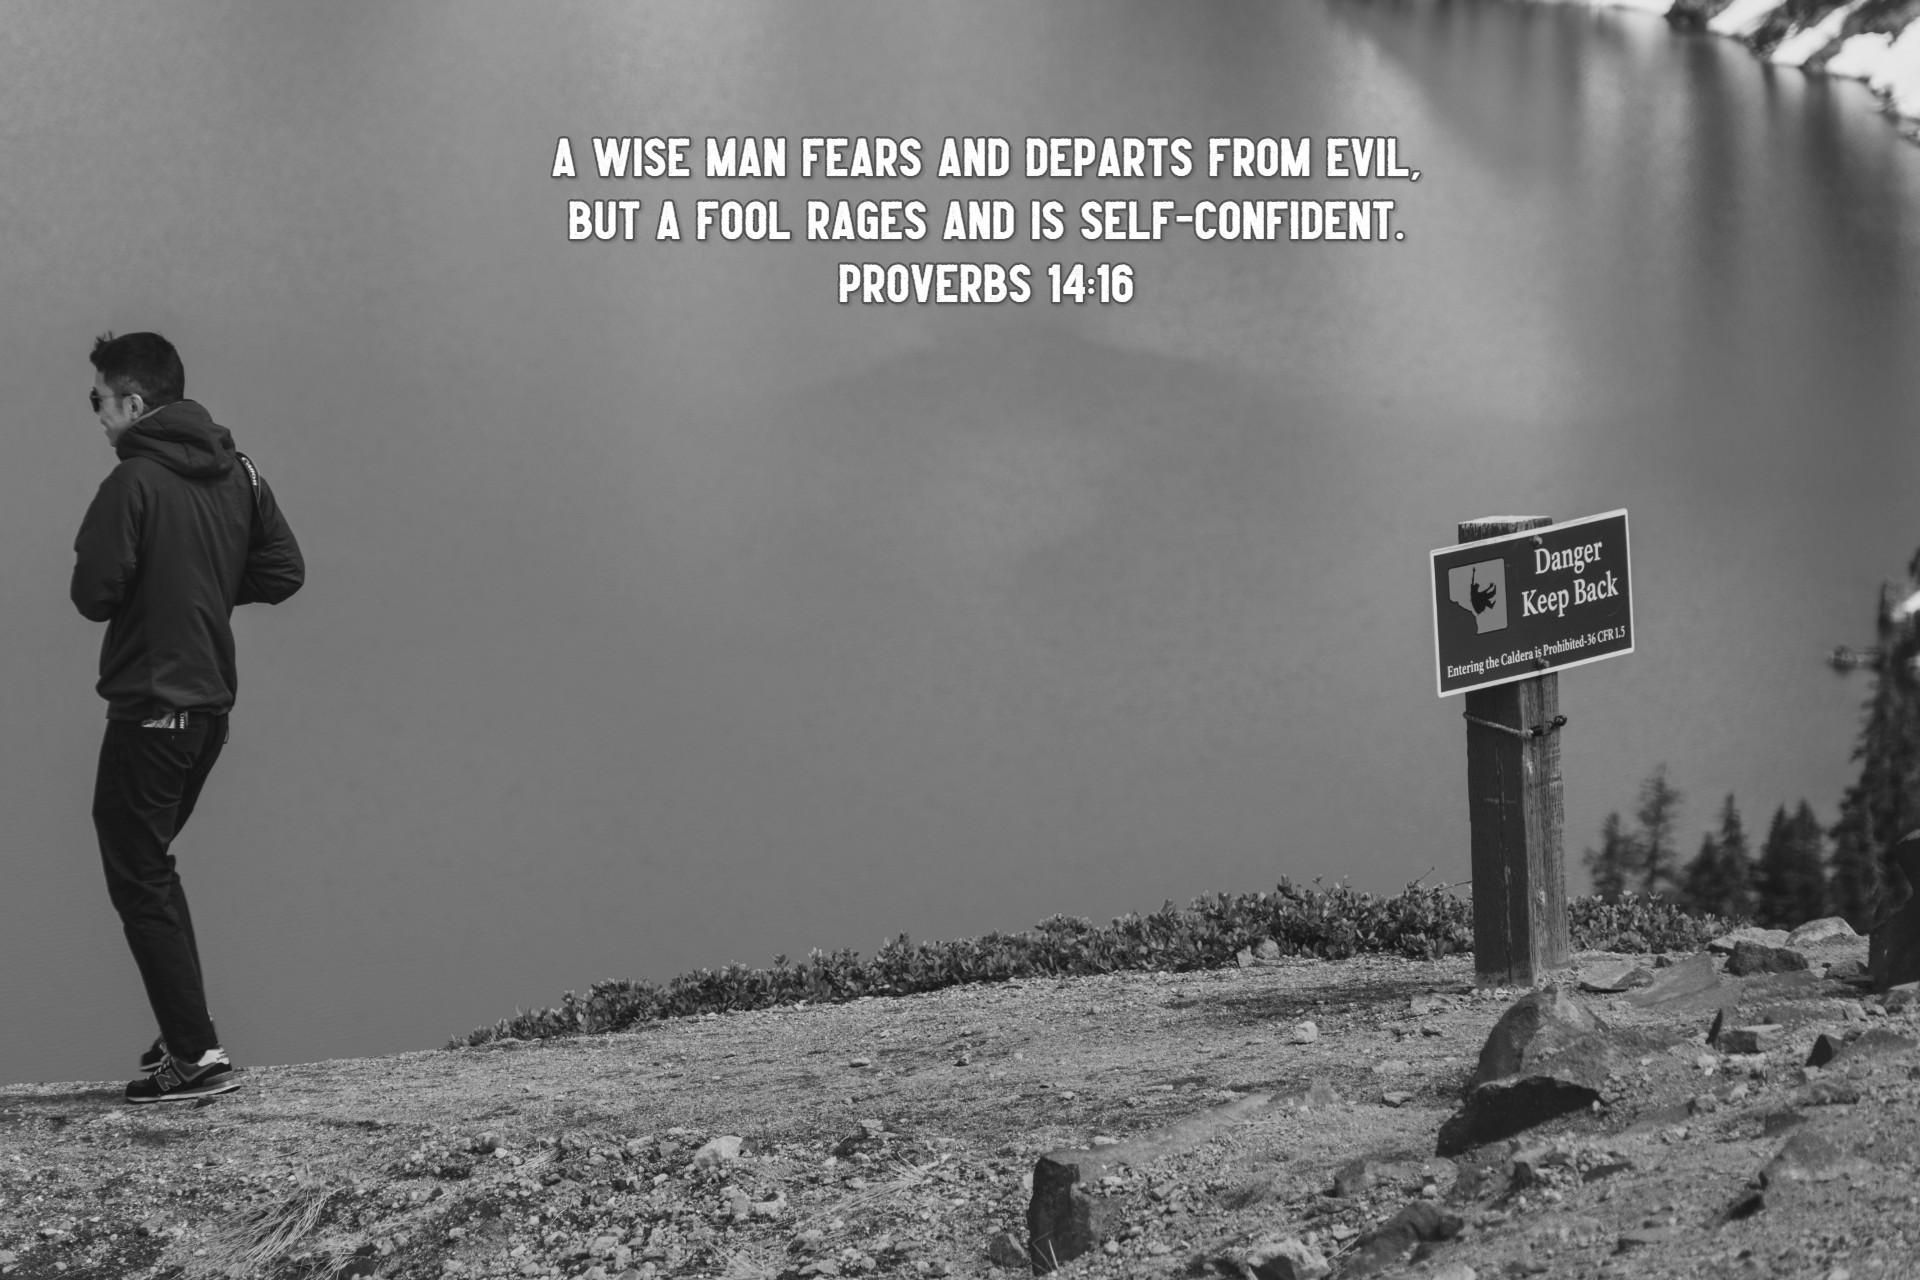 Proverbs 14;16